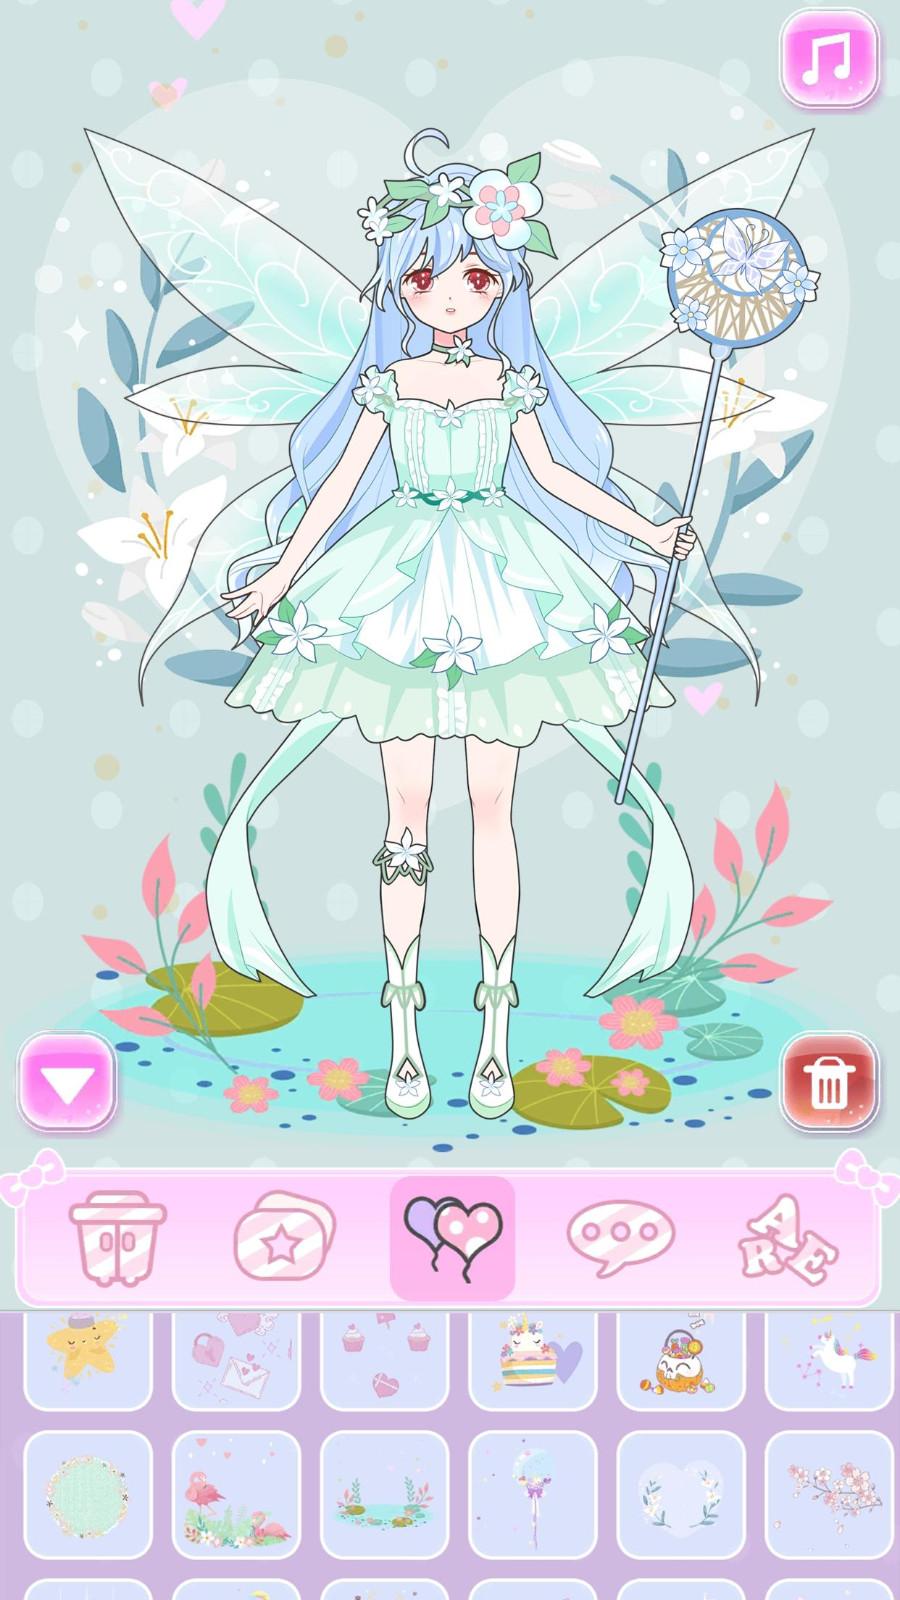 弗林达公主中文版游戏截图3